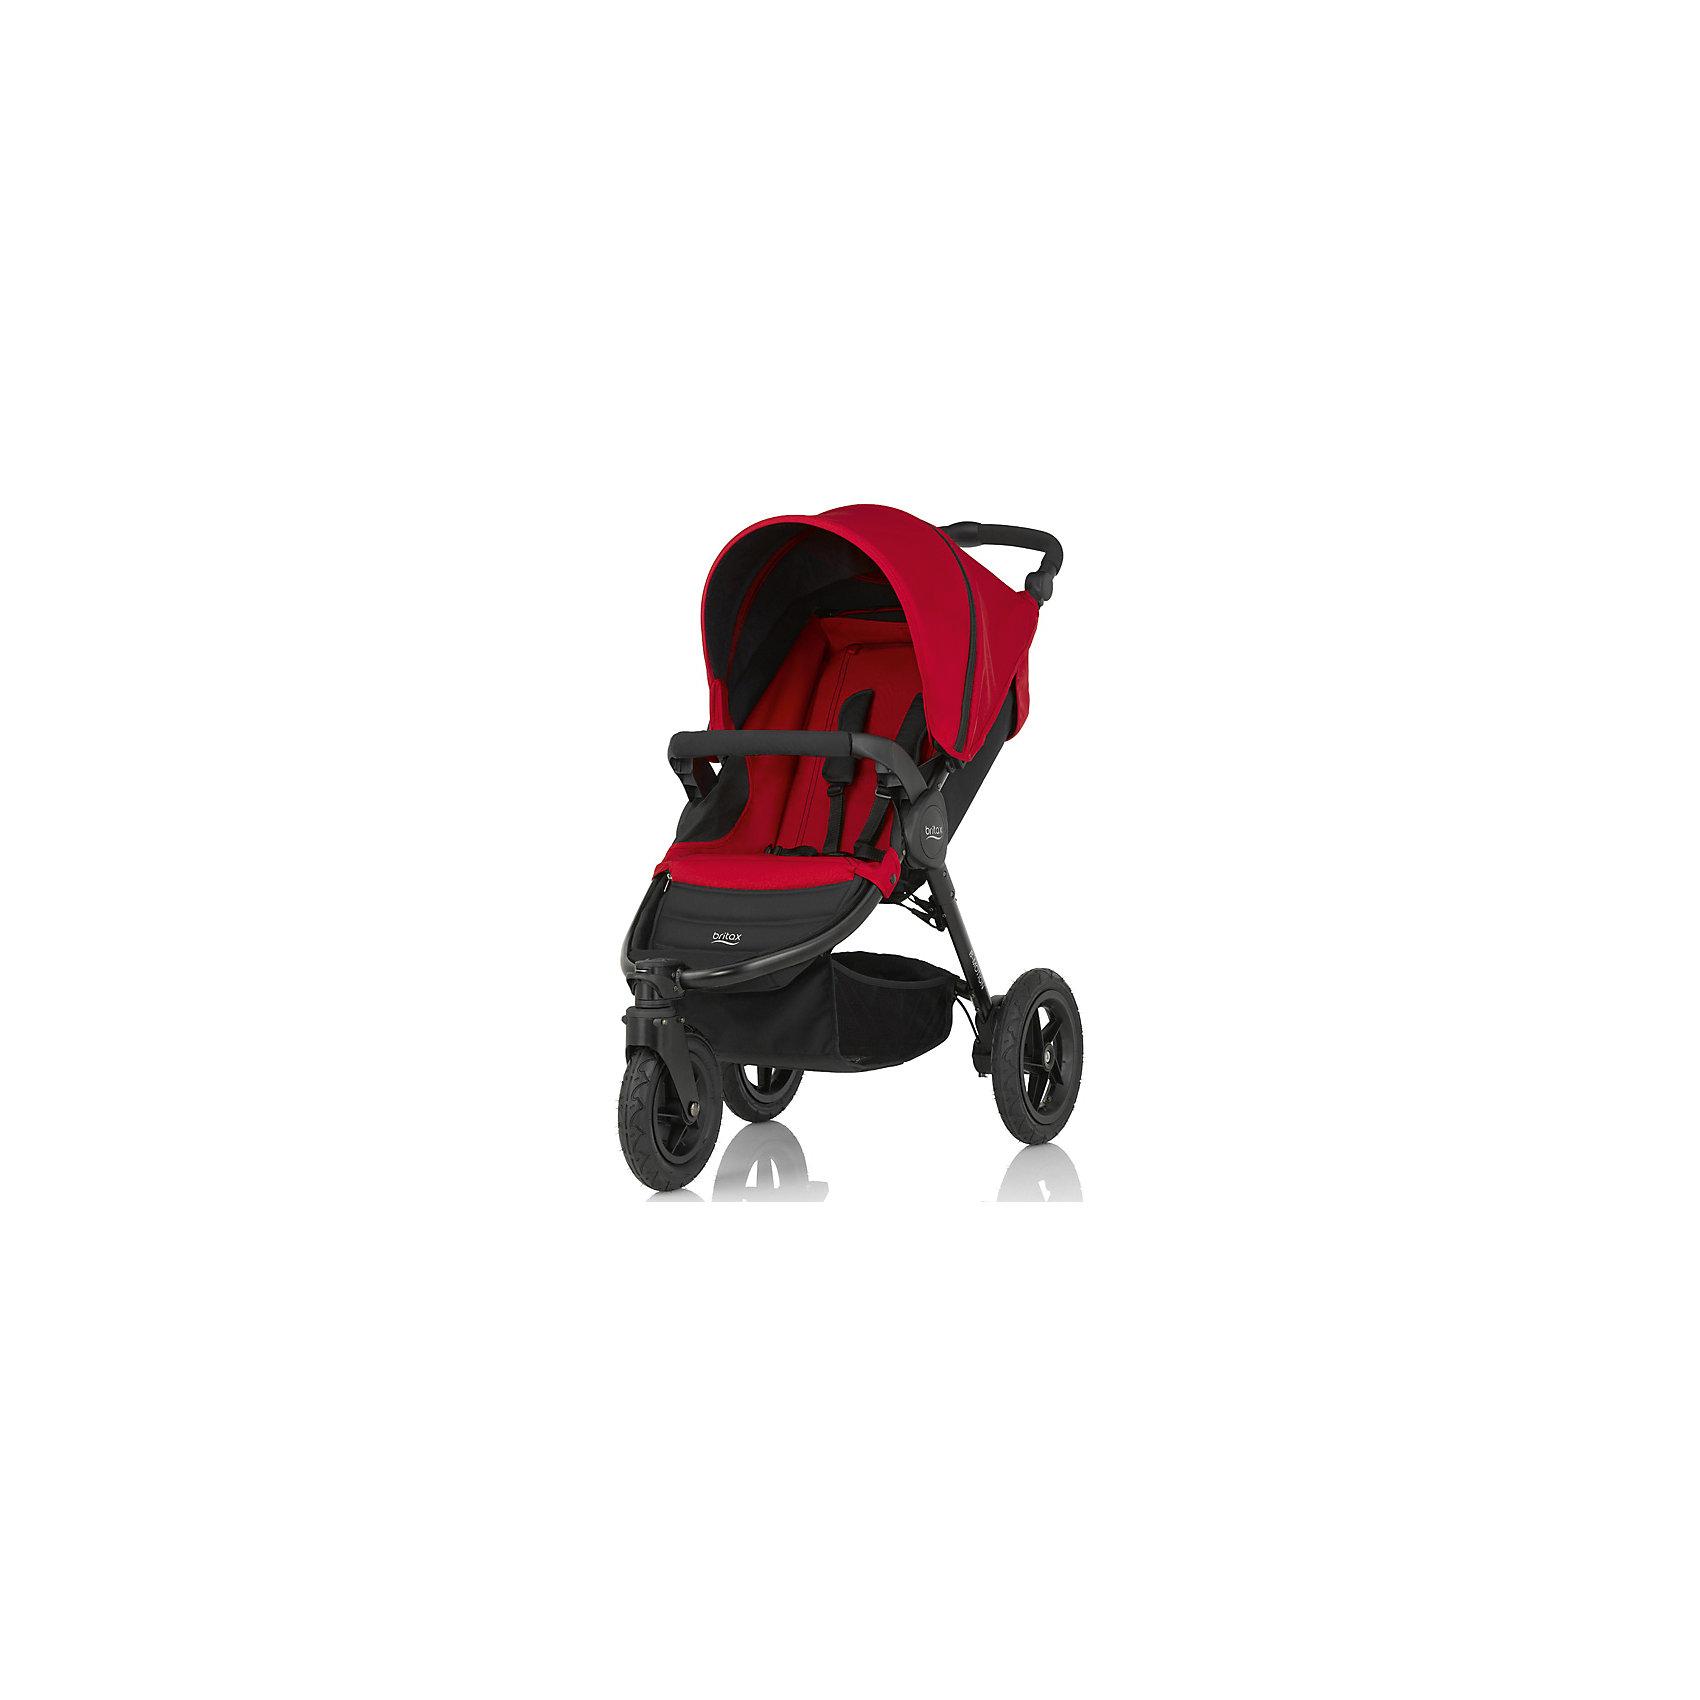 Прогулочная коляска Britax B-Motion 3, Flame RedПрогулочные коляски<br>B-Motion 3 - это легкая и прочная коляска, складывающаяся буквально одним движением руки. Благодаря износостойким надувным шинам коляска покажет отличную проходимость на любой дороге! А с помощью адаптеров CLICK &amp; GO® легко и просто установить автолюльку Baby-Safe Sleeper или автопереноски Baby-Safe непосредственно на шасси коляски B-Motion 3. <br>Особенности: <br>Для детей с рождения до 15 кг<br>Легкая алюминиевая рама<br>Простое и компактное складывание с автоматической фиксацией<br>Регулируемая ручка<br>Компактный размер в сложенном состоянии (35х58х70 см).<br>Амортизаторы на задних колесах.<br>5-точечные ремни безопасности.<br>Поворотное переднее колесо с возможностью фиксации.<br>Большие надувные колеса, износостойкие покрышки.<br>Большая корзина для покупок.<br>Возможна дополнительная установка люльки в качестве опции.<br>Комплектация: прогулочный блок, бампер, переходники CLICK &amp; GO® для спального блока и автолюлек Britax R?mer.<br>Гарантия на коляску - 2 года.<br><br>Ширина мм: 800<br>Глубина мм: 480<br>Высота мм: 310<br>Вес г: 13700<br>Возраст от месяцев: 0<br>Возраст до месяцев: 48<br>Пол: Унисекс<br>Возраст: Детский<br>SKU: 5484739